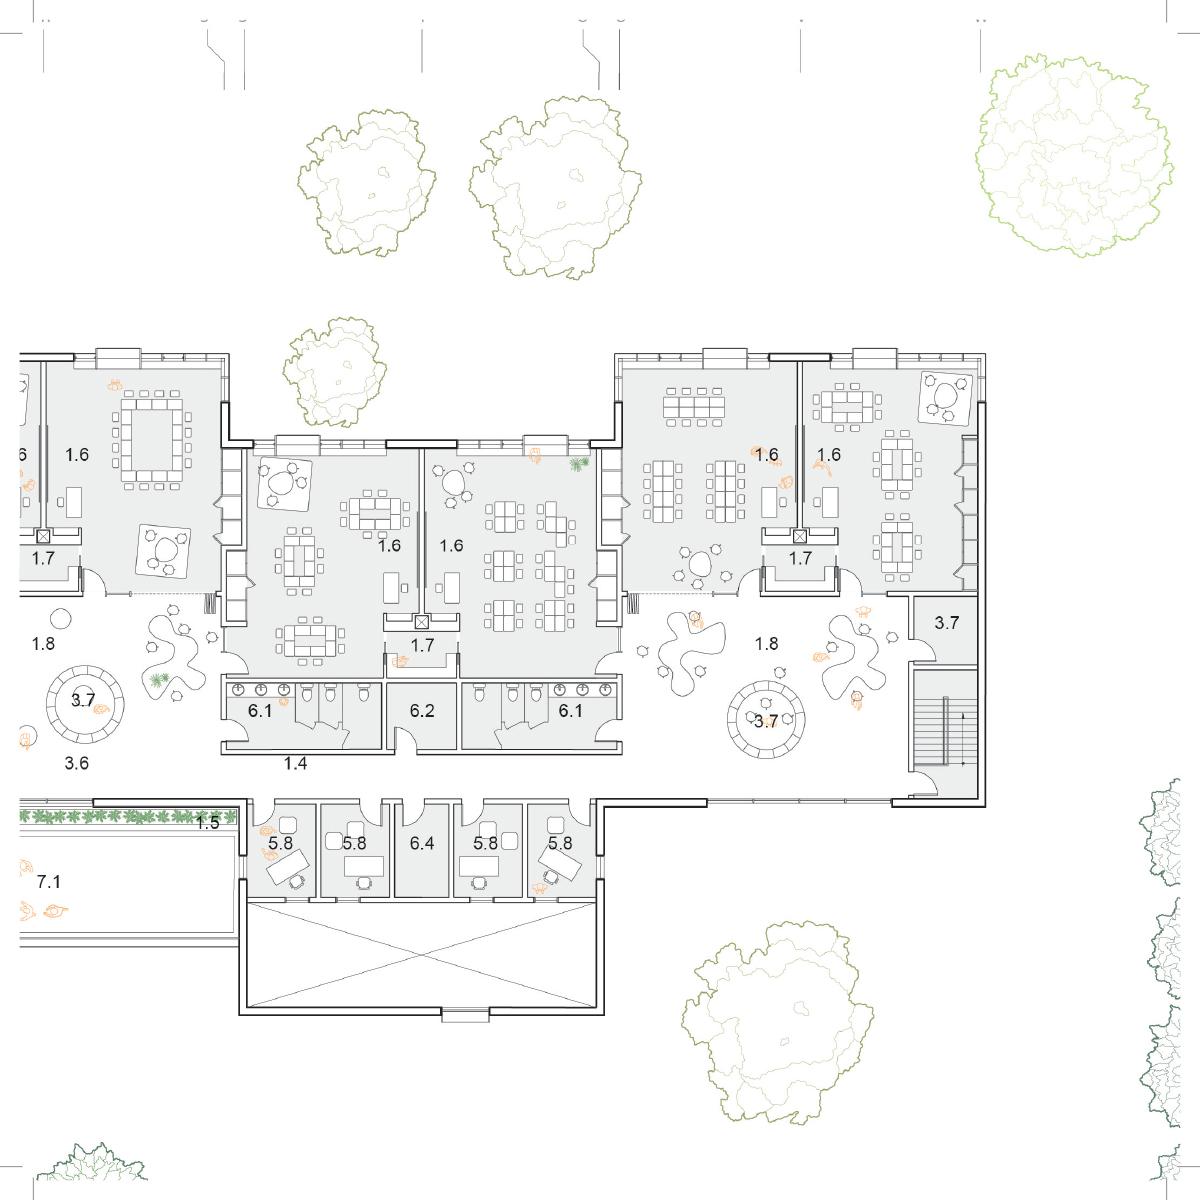 Plan d'une salle de classe par STGM-Architectes et ProulxSavard-architectes, pour le concours du Lab-École à Rimouski, présenté dans le cadre de l'exposition «Devoirs d'architecture».